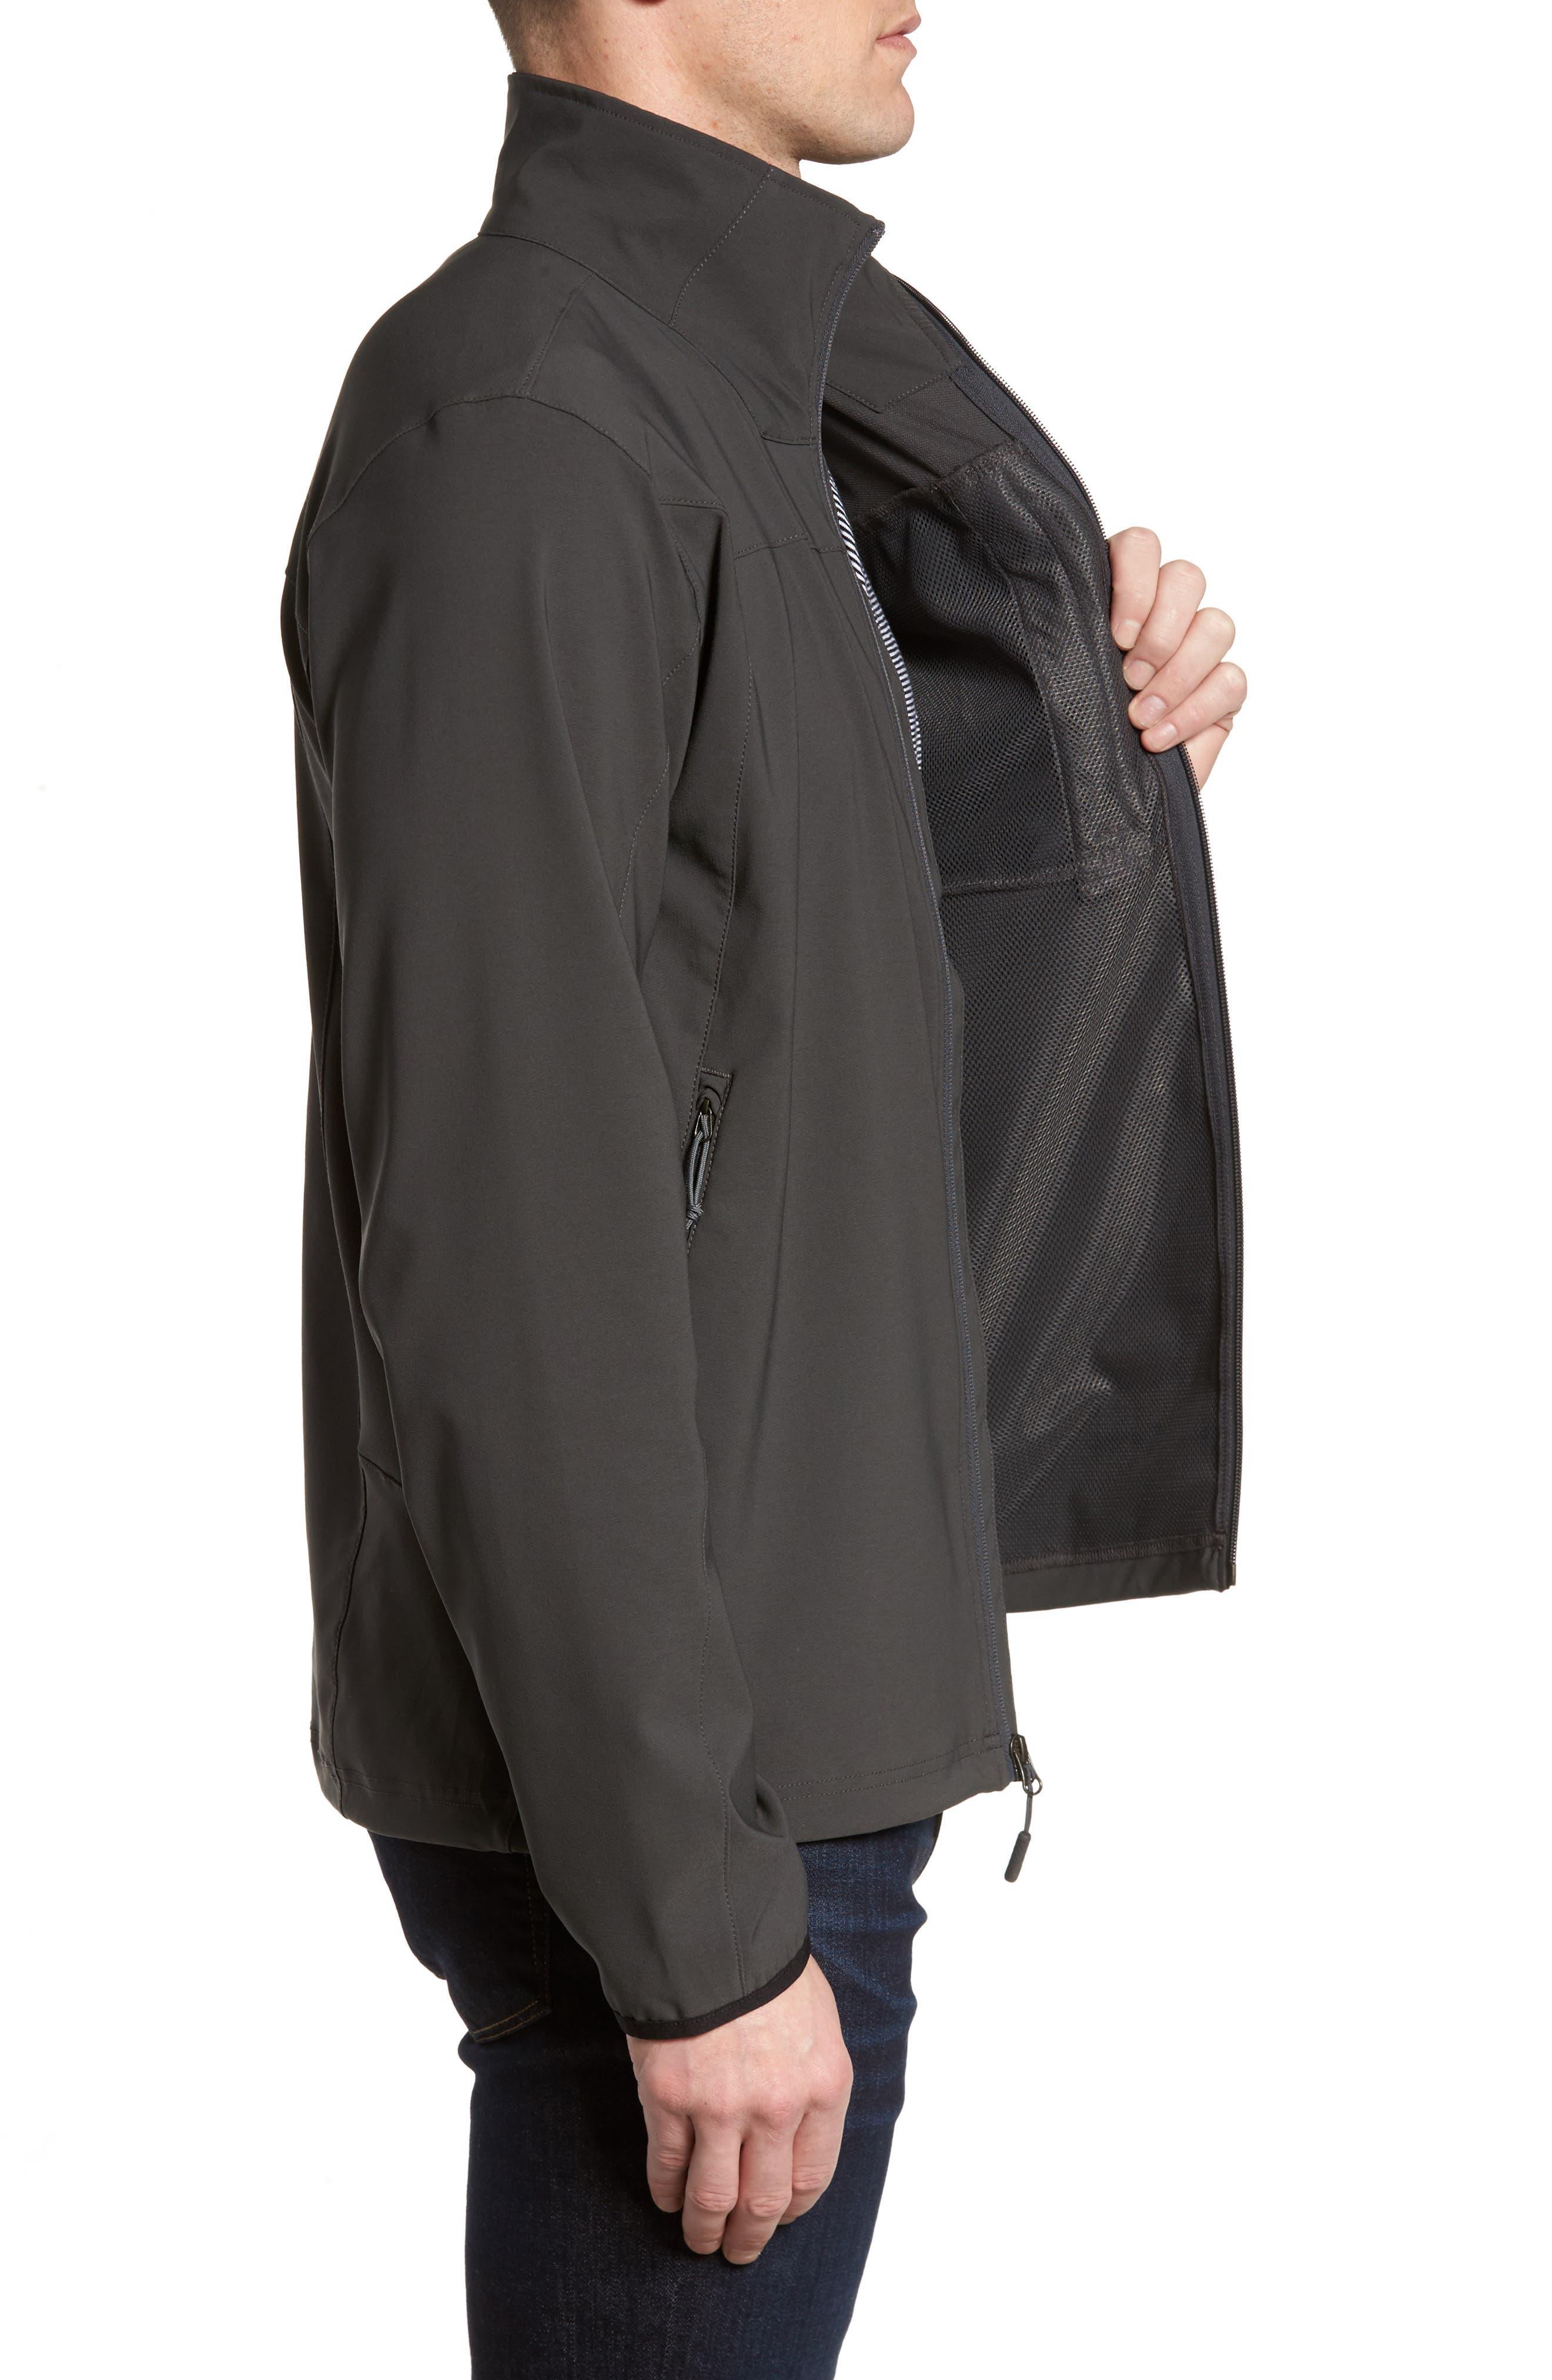 Apex Nimble Jacket,                             Alternate thumbnail 3, color,                             Asphalt Grey/ Asphalt Grey